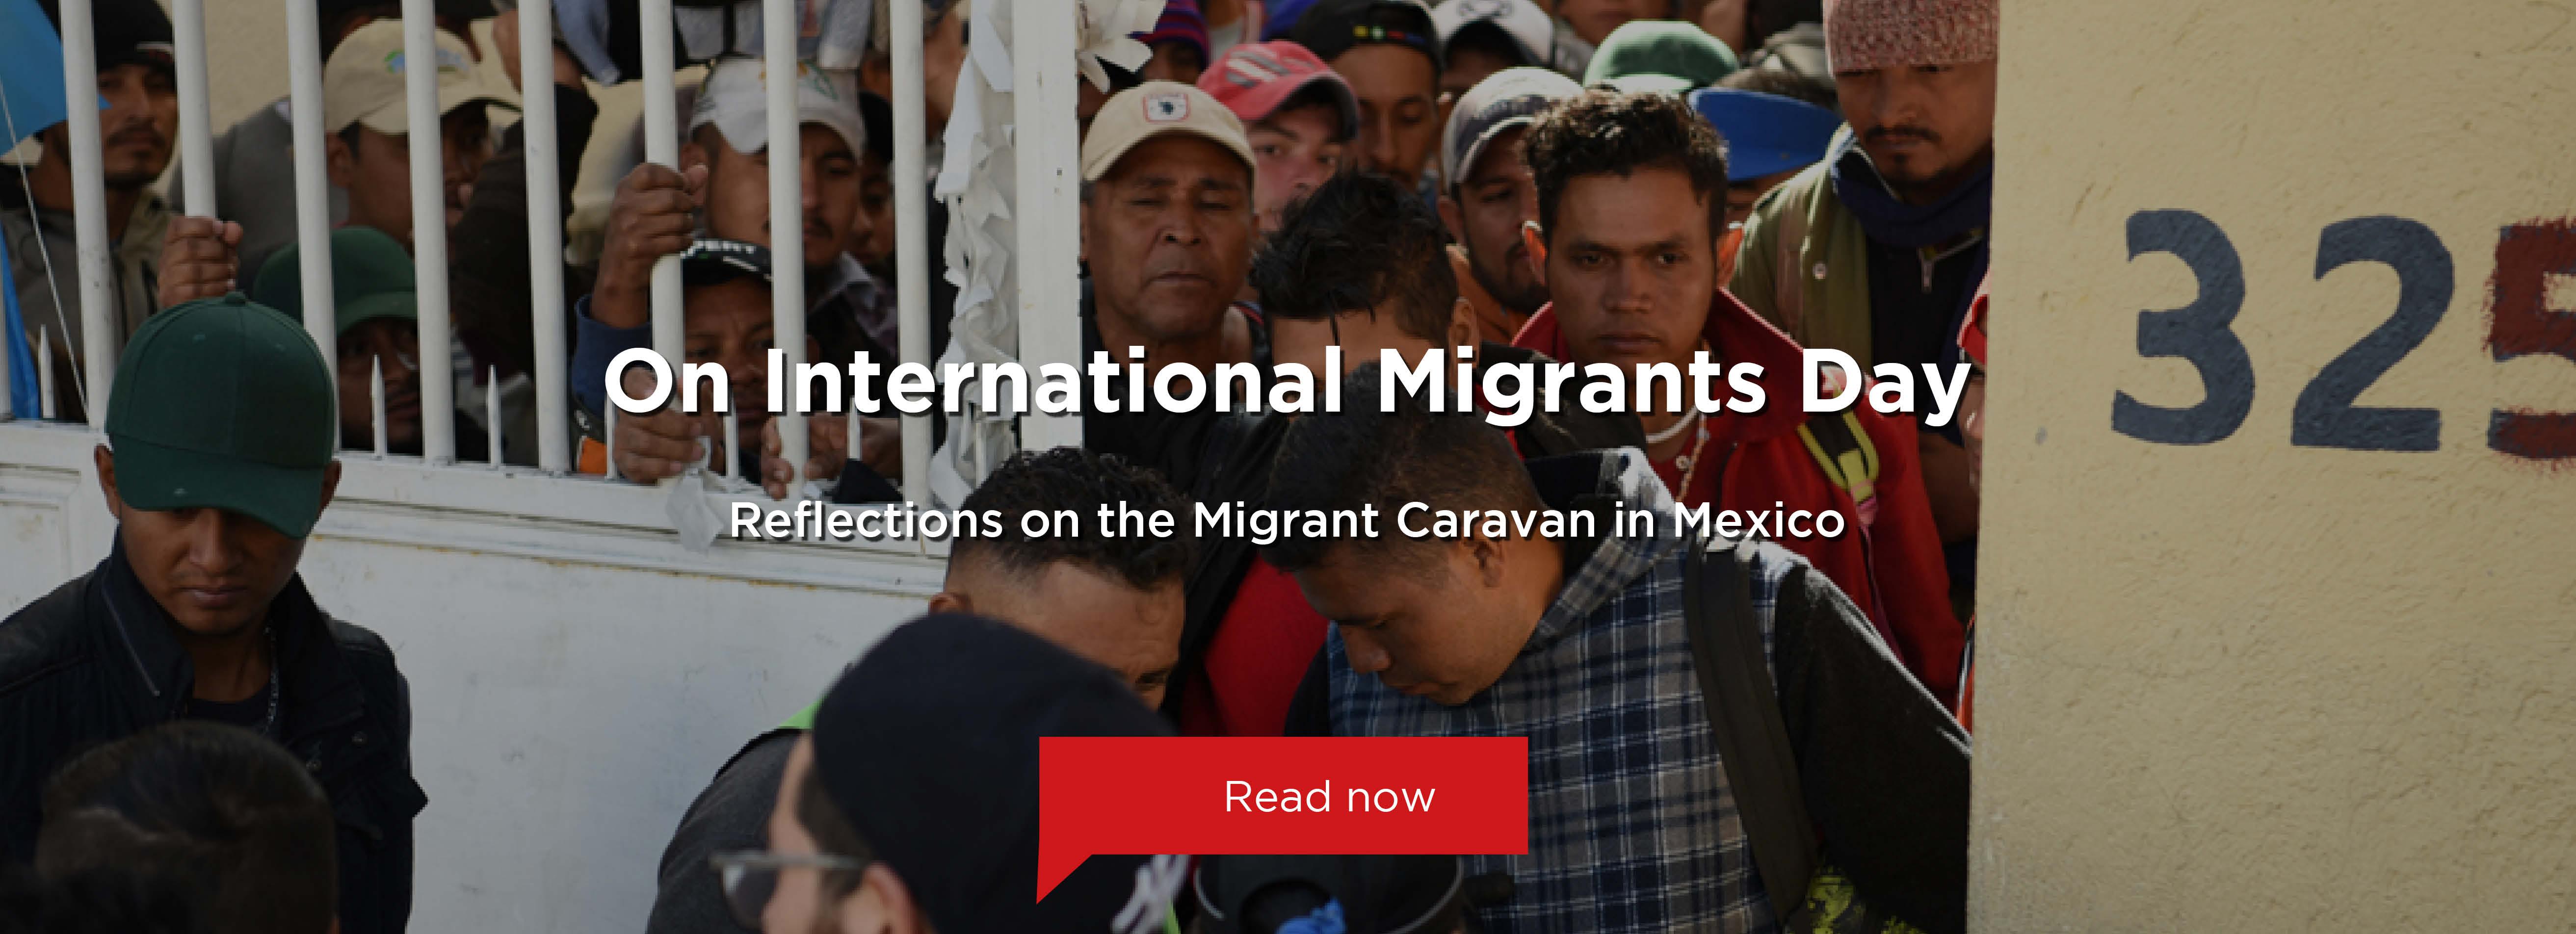 Migrant Caravan in Mexico